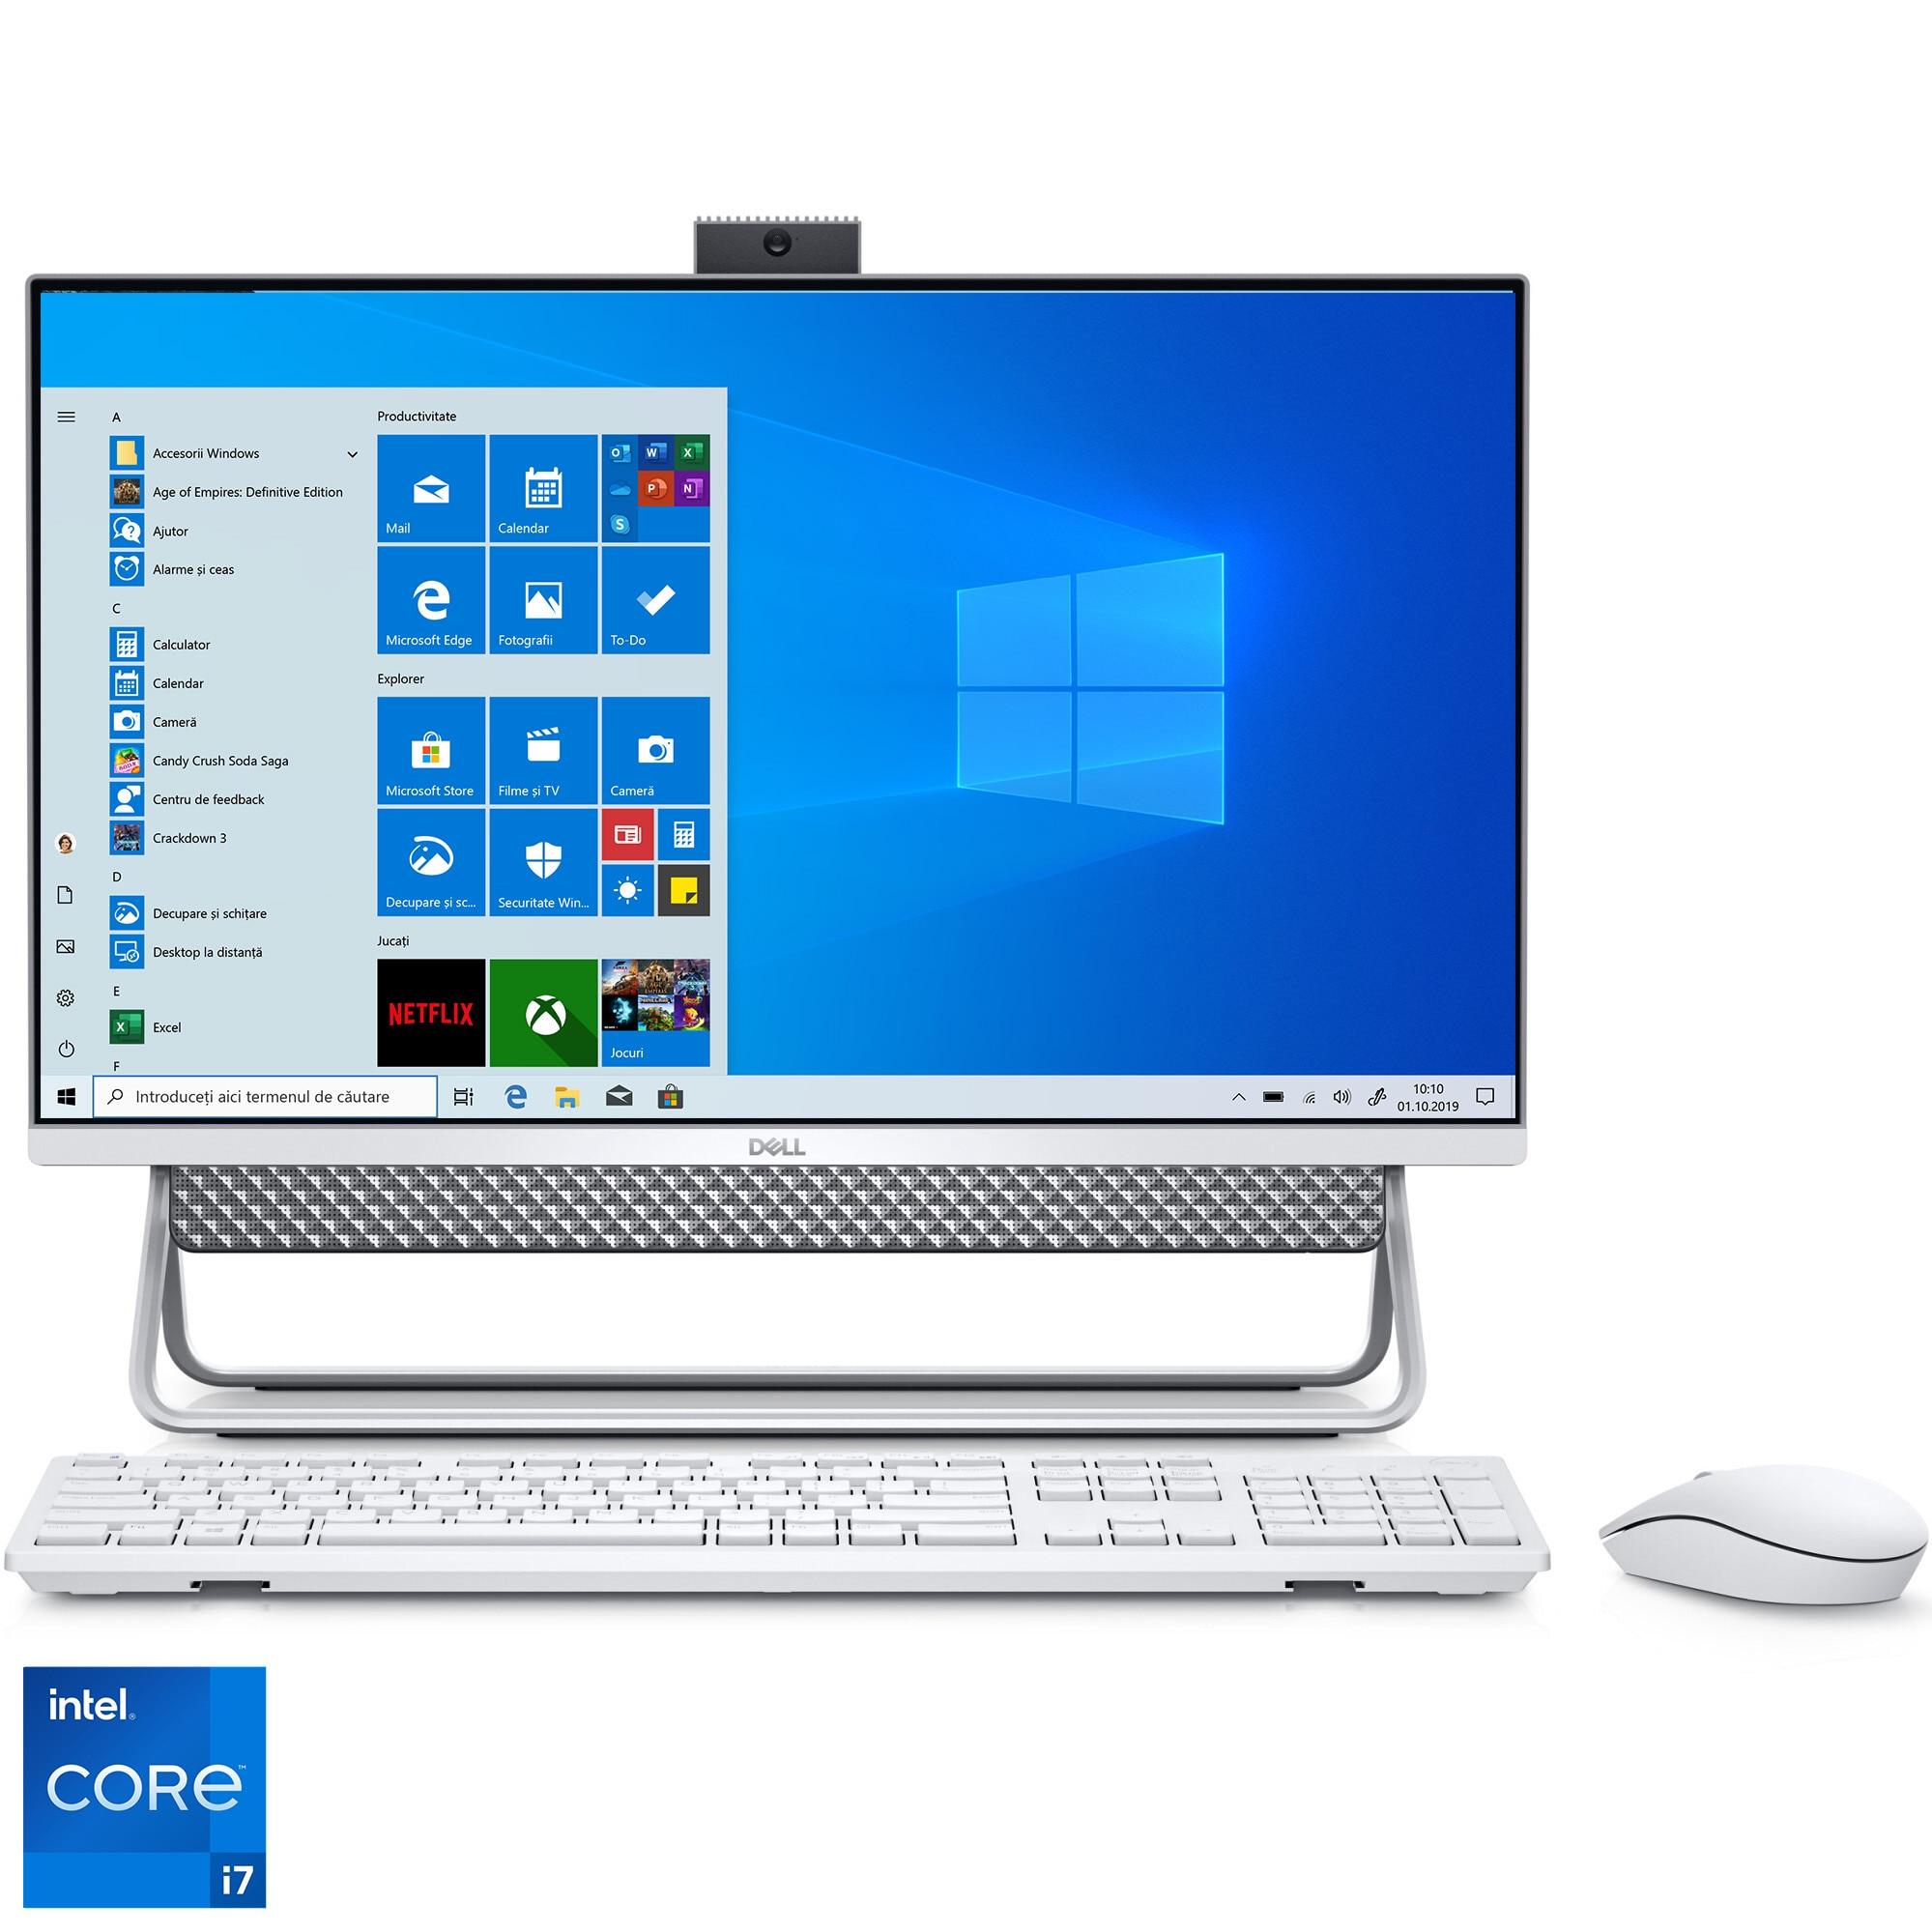 """Fotografie Sistem All-In-One Dell Inspiron 7700 cu procesor Intel® Core™ i7-1165G7 pana la 4.70 GHz, Tiger Lake, 27"""", Full HD, 16GB DDR4, 1TB HDD + 512GB SSD, NVIDIA GeForce MX330 2GB GDDR5, Windows 10 Pro"""